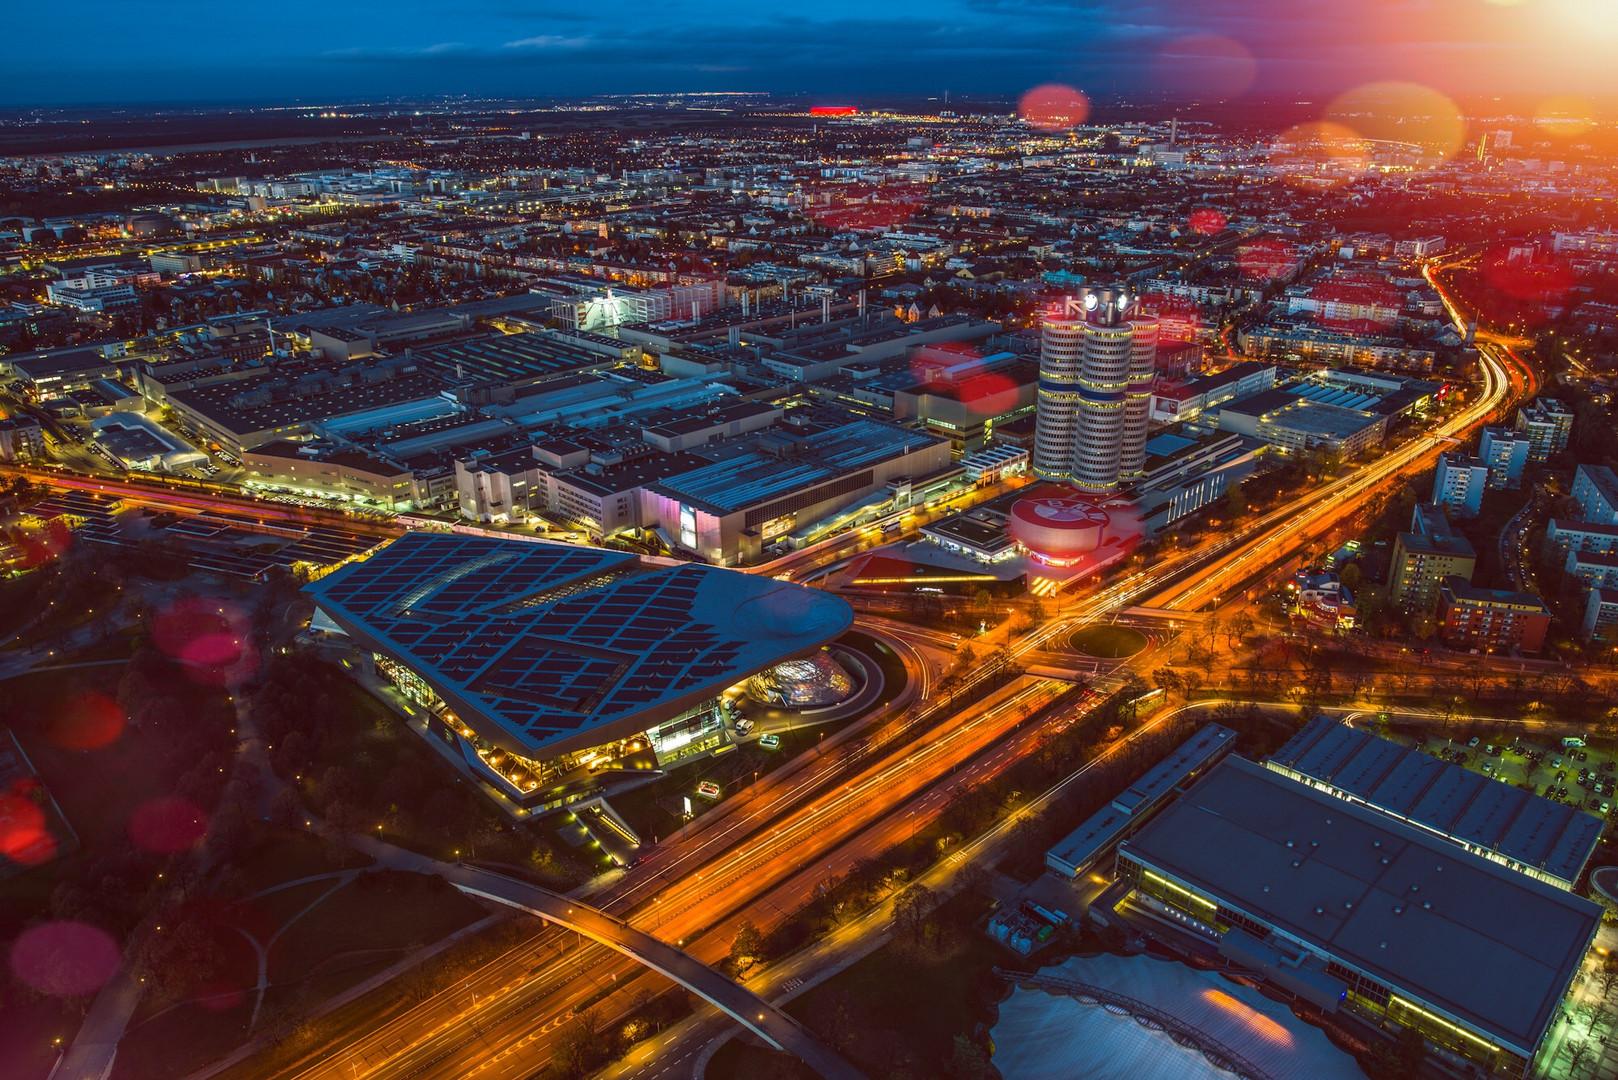 Nachts in München